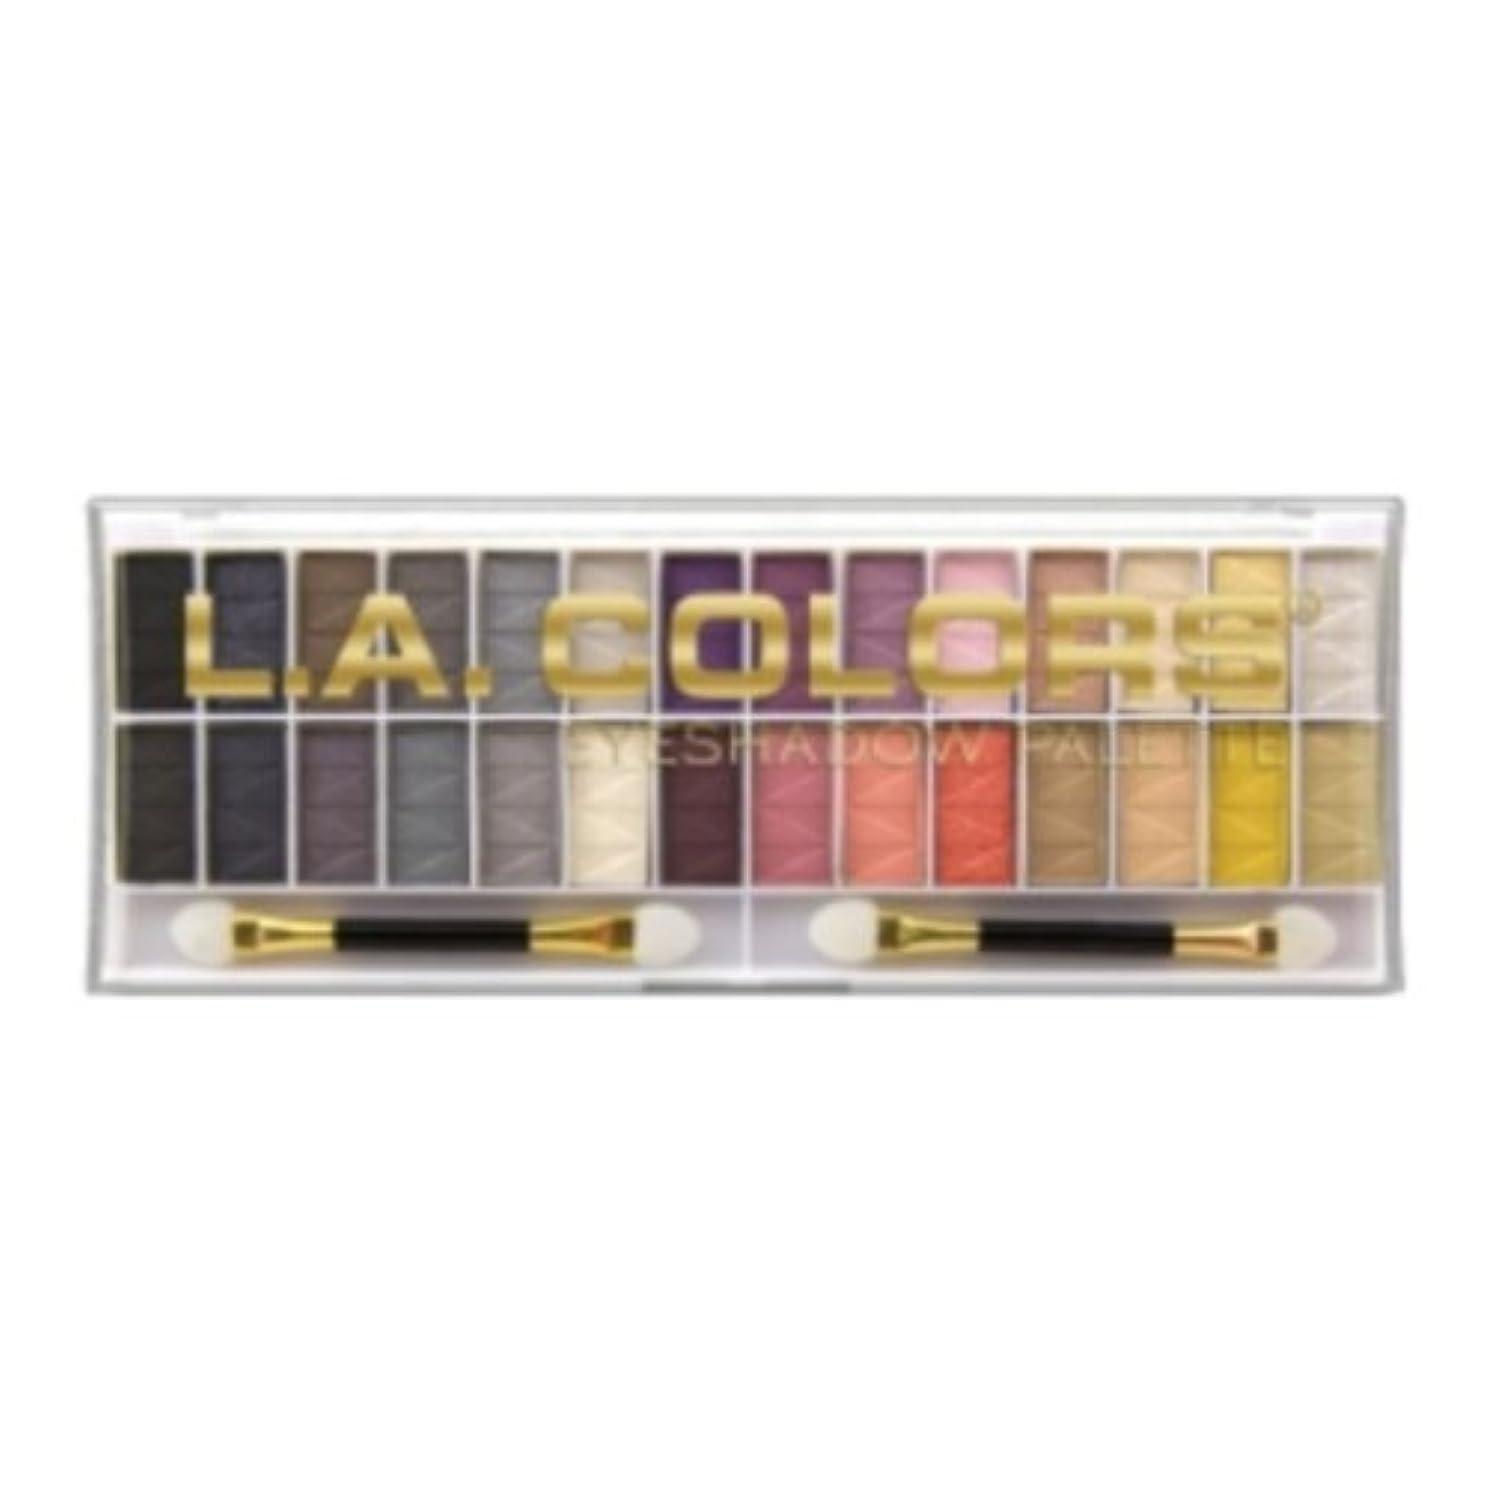 願うレシピほとんどの場合L.A. COLORS 28 Color Eyeshadow Palette - Malibu (並行輸入品)